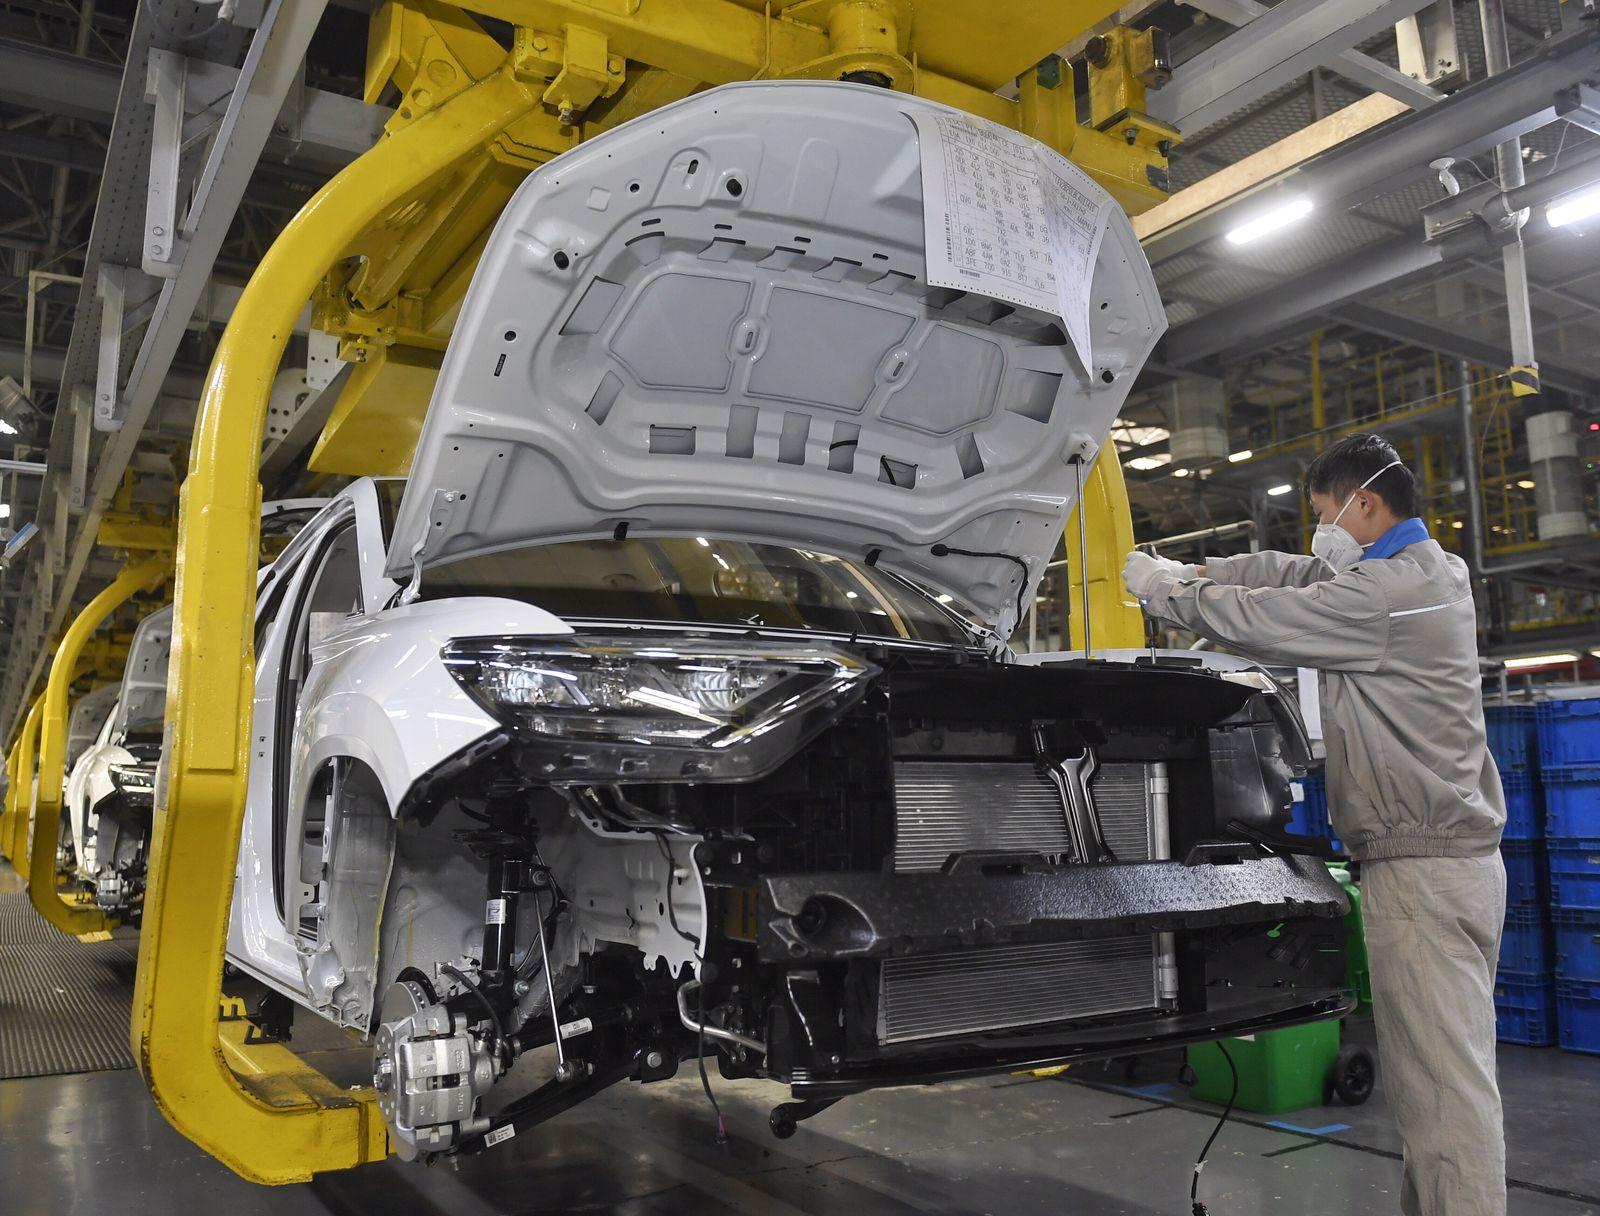 Automobilproduktion bei FAW-Volkswagen Automobile in Chnegdu